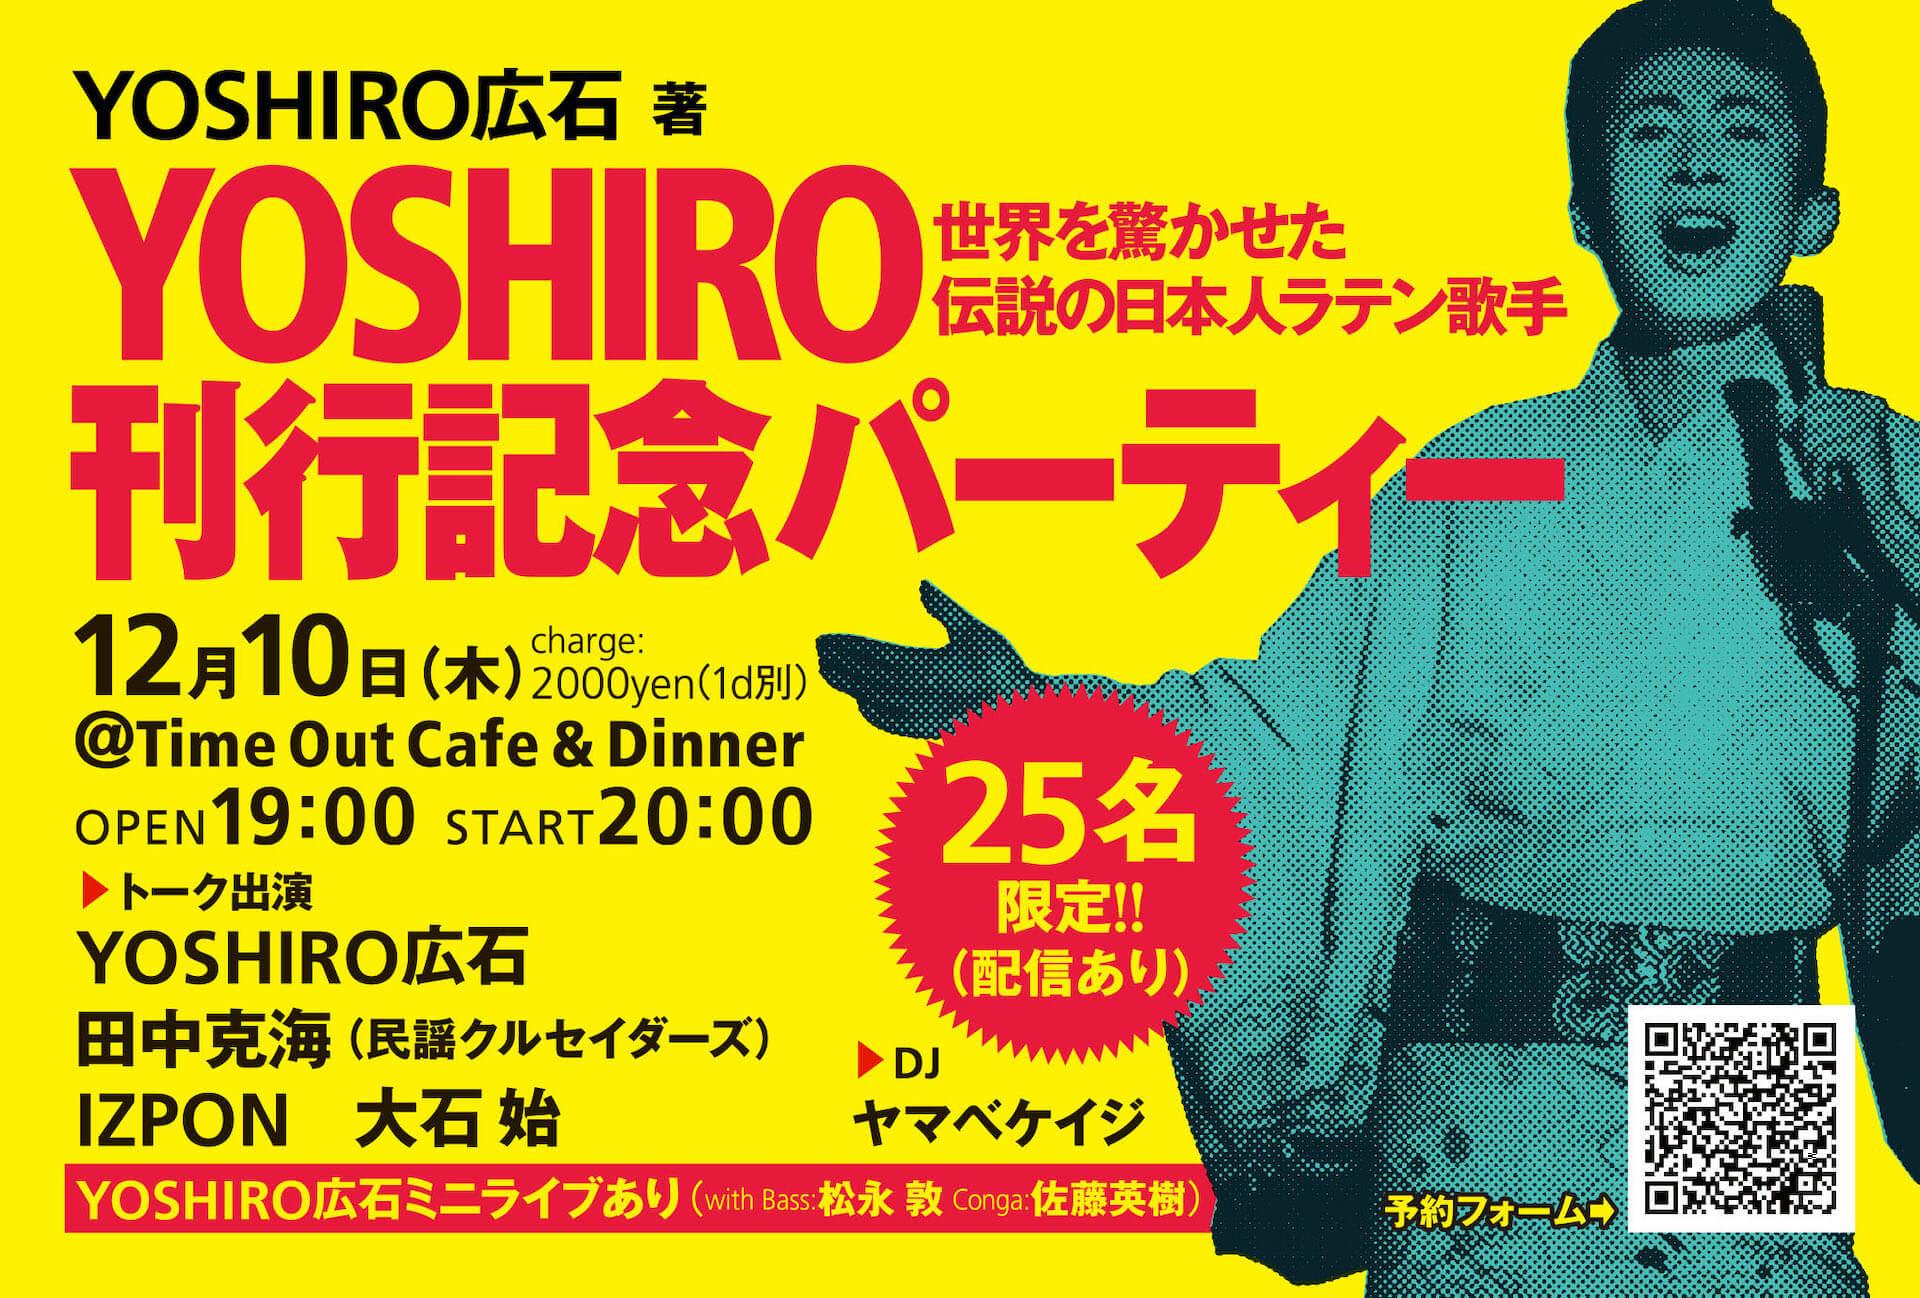 伝説の日本人ラテン歌手YOSHIRO広石の自伝本刊行記念パーティーが開催|ミニライブに加え、田中克海・IZPON・大石始が登壇するトークショーも music201202-yoshuiro-1